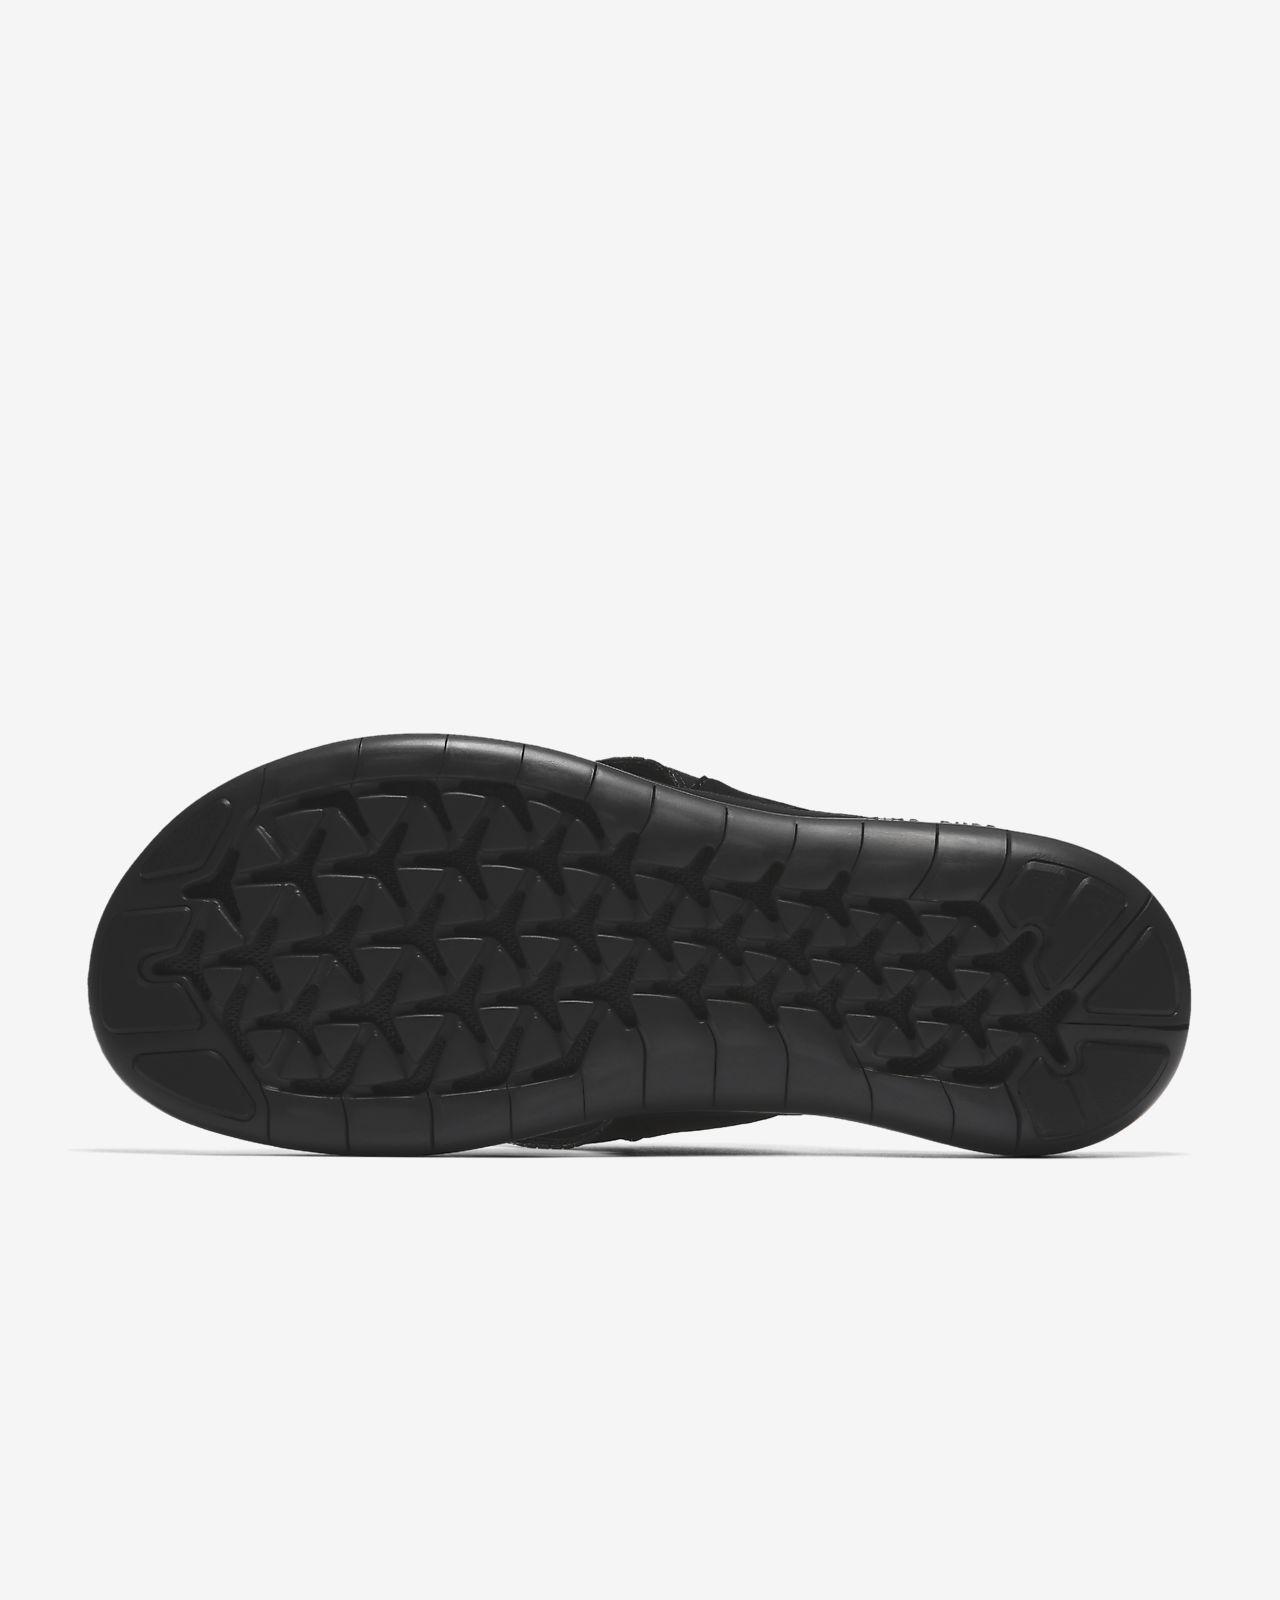 b3b95007a Hurley Phantom Free Motion Men s Sandal. Nike.com